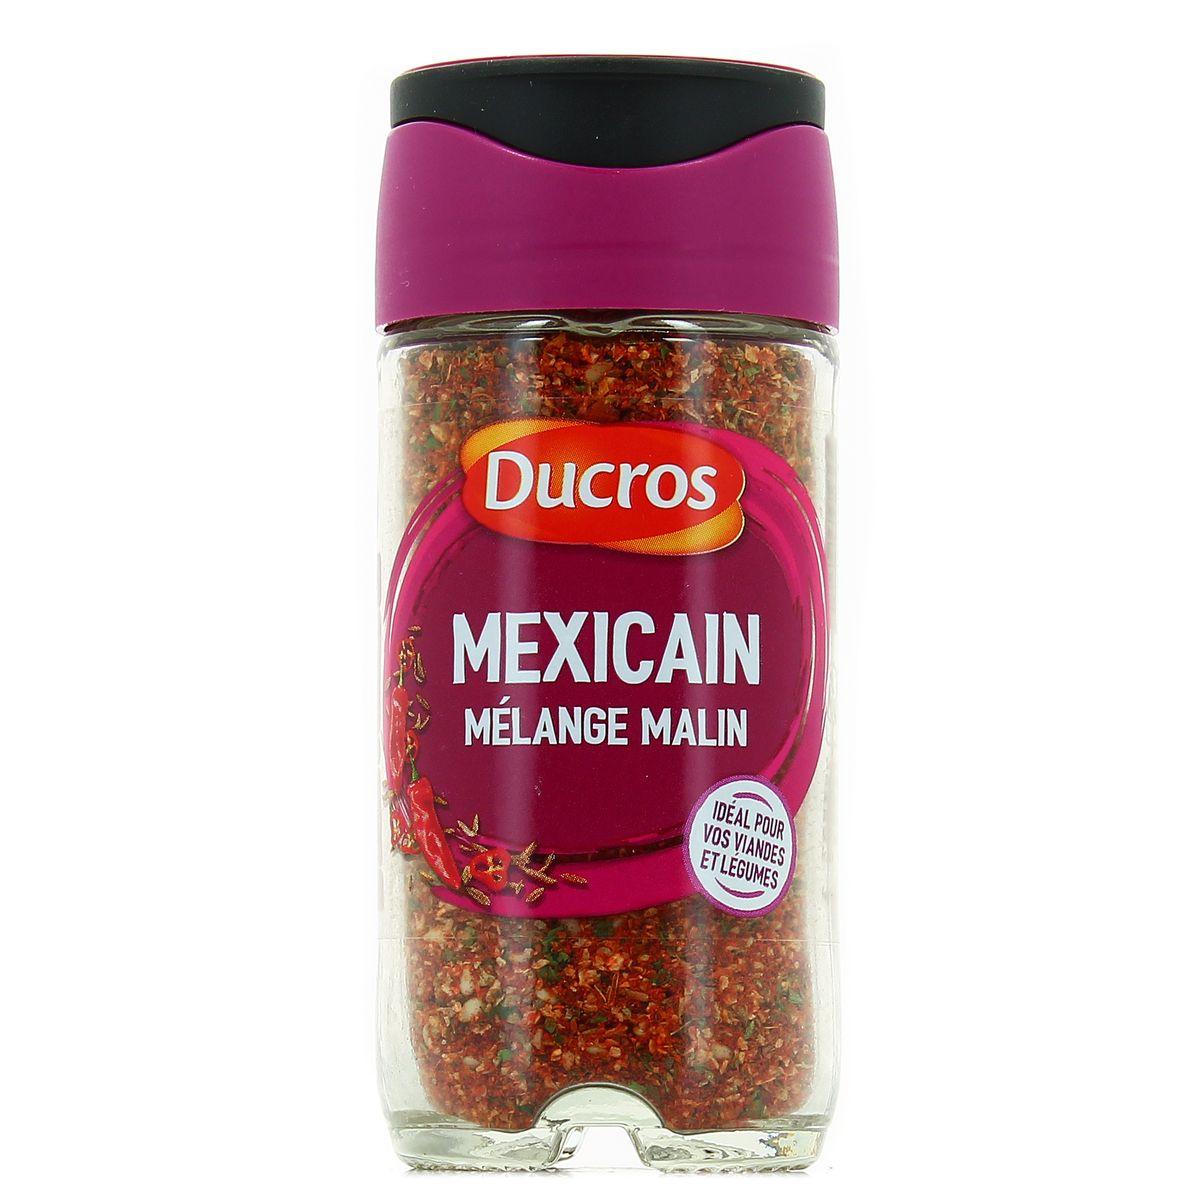 Livraison à domicile Ducros Mélange malin Mexicain, 10g